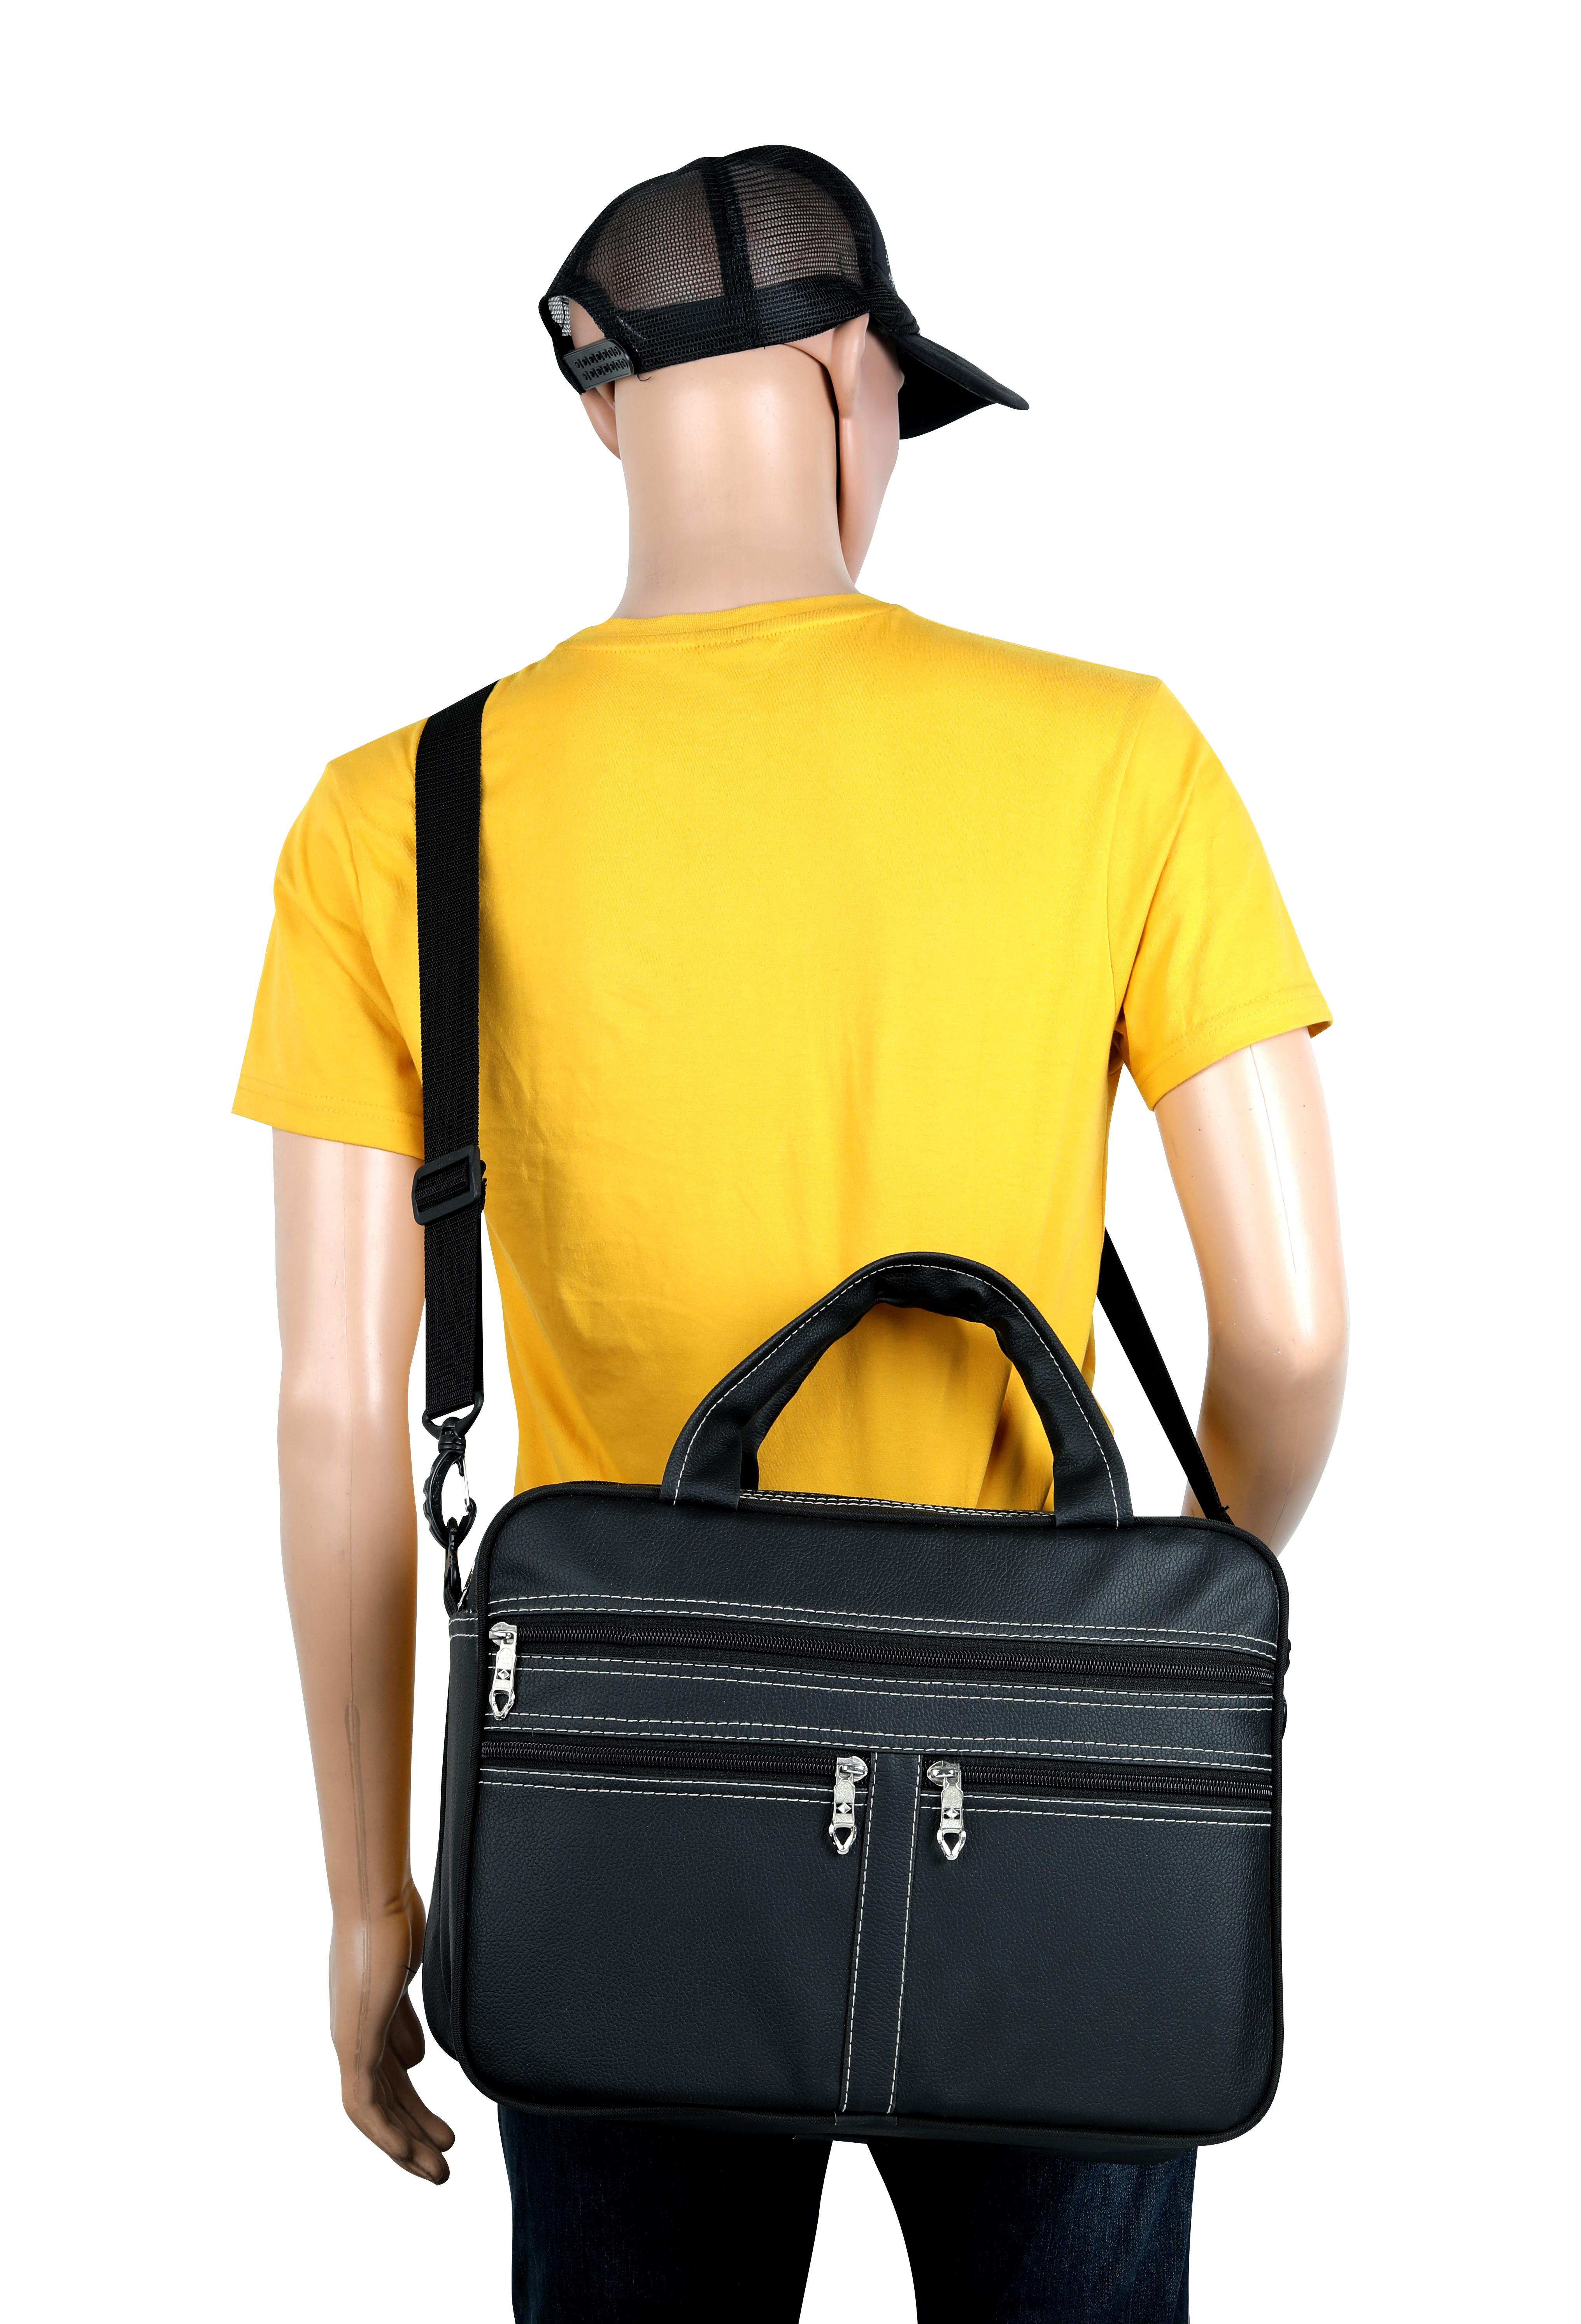 Best Laptop Bag